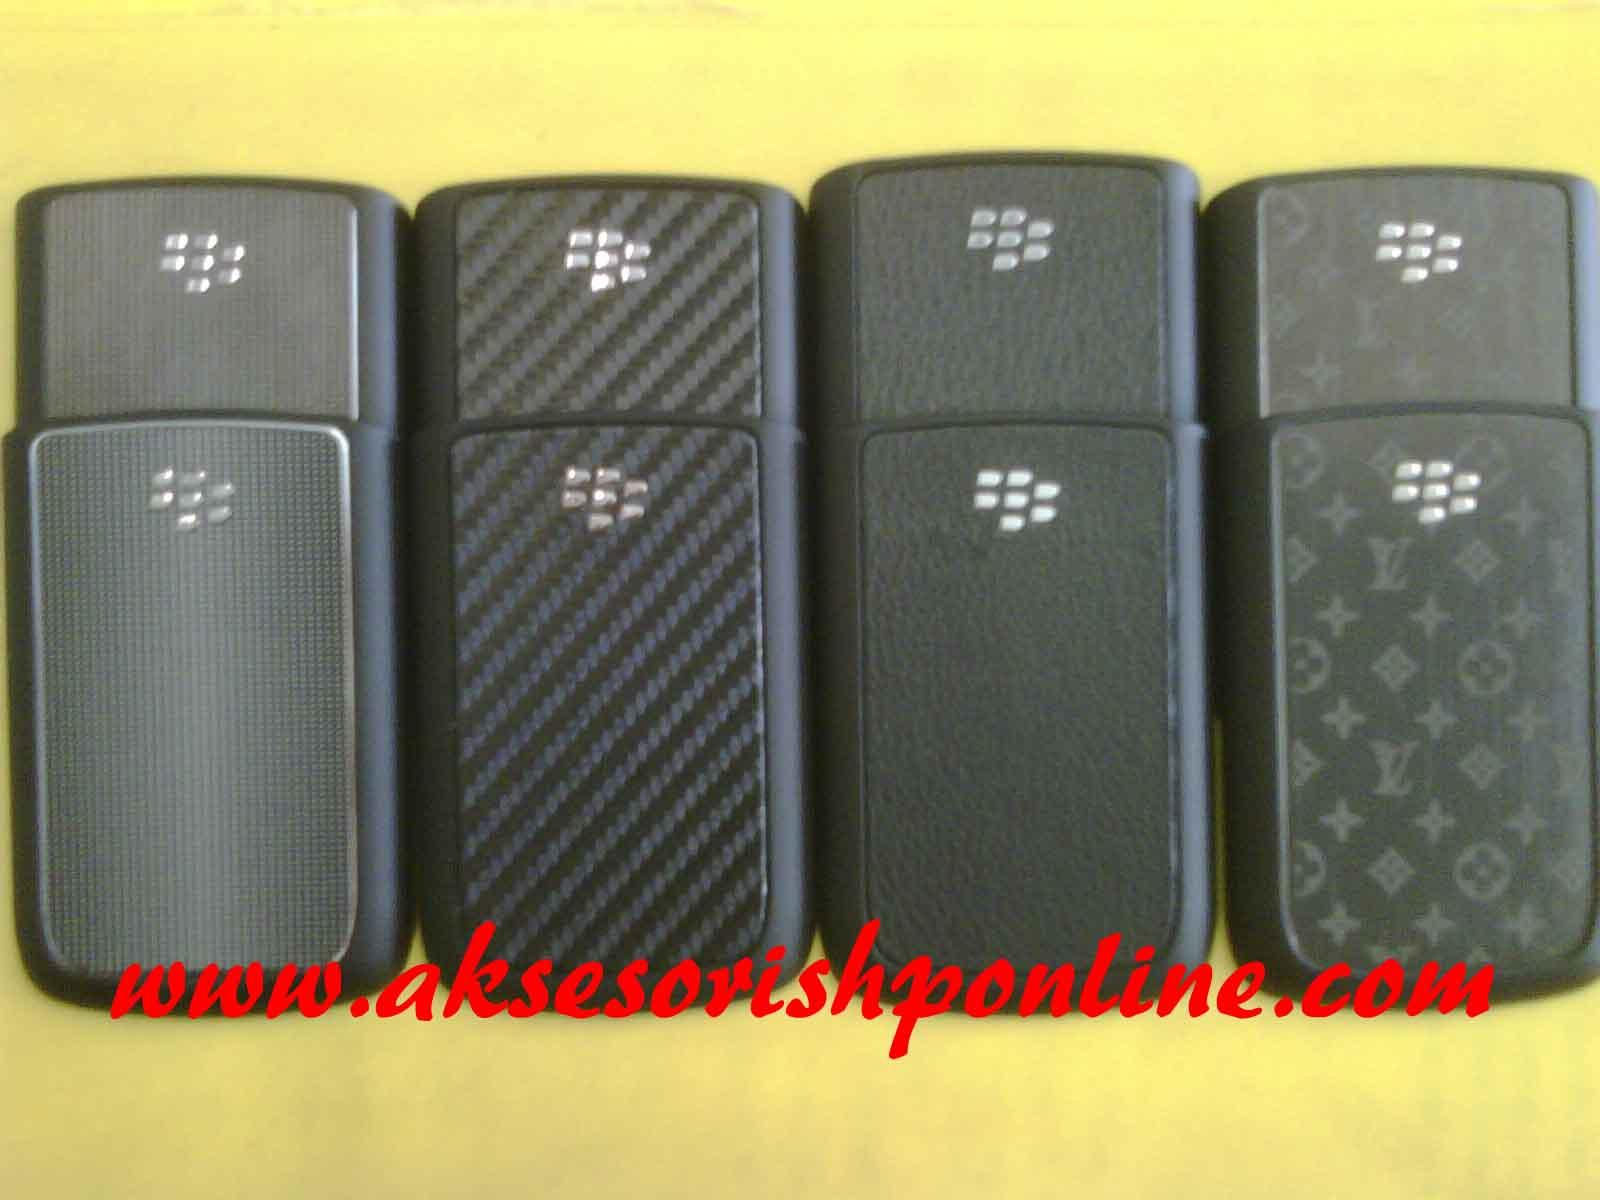 Kepengen Backdoor Original Blackberry Onyx 9700 dengan berbagai motif